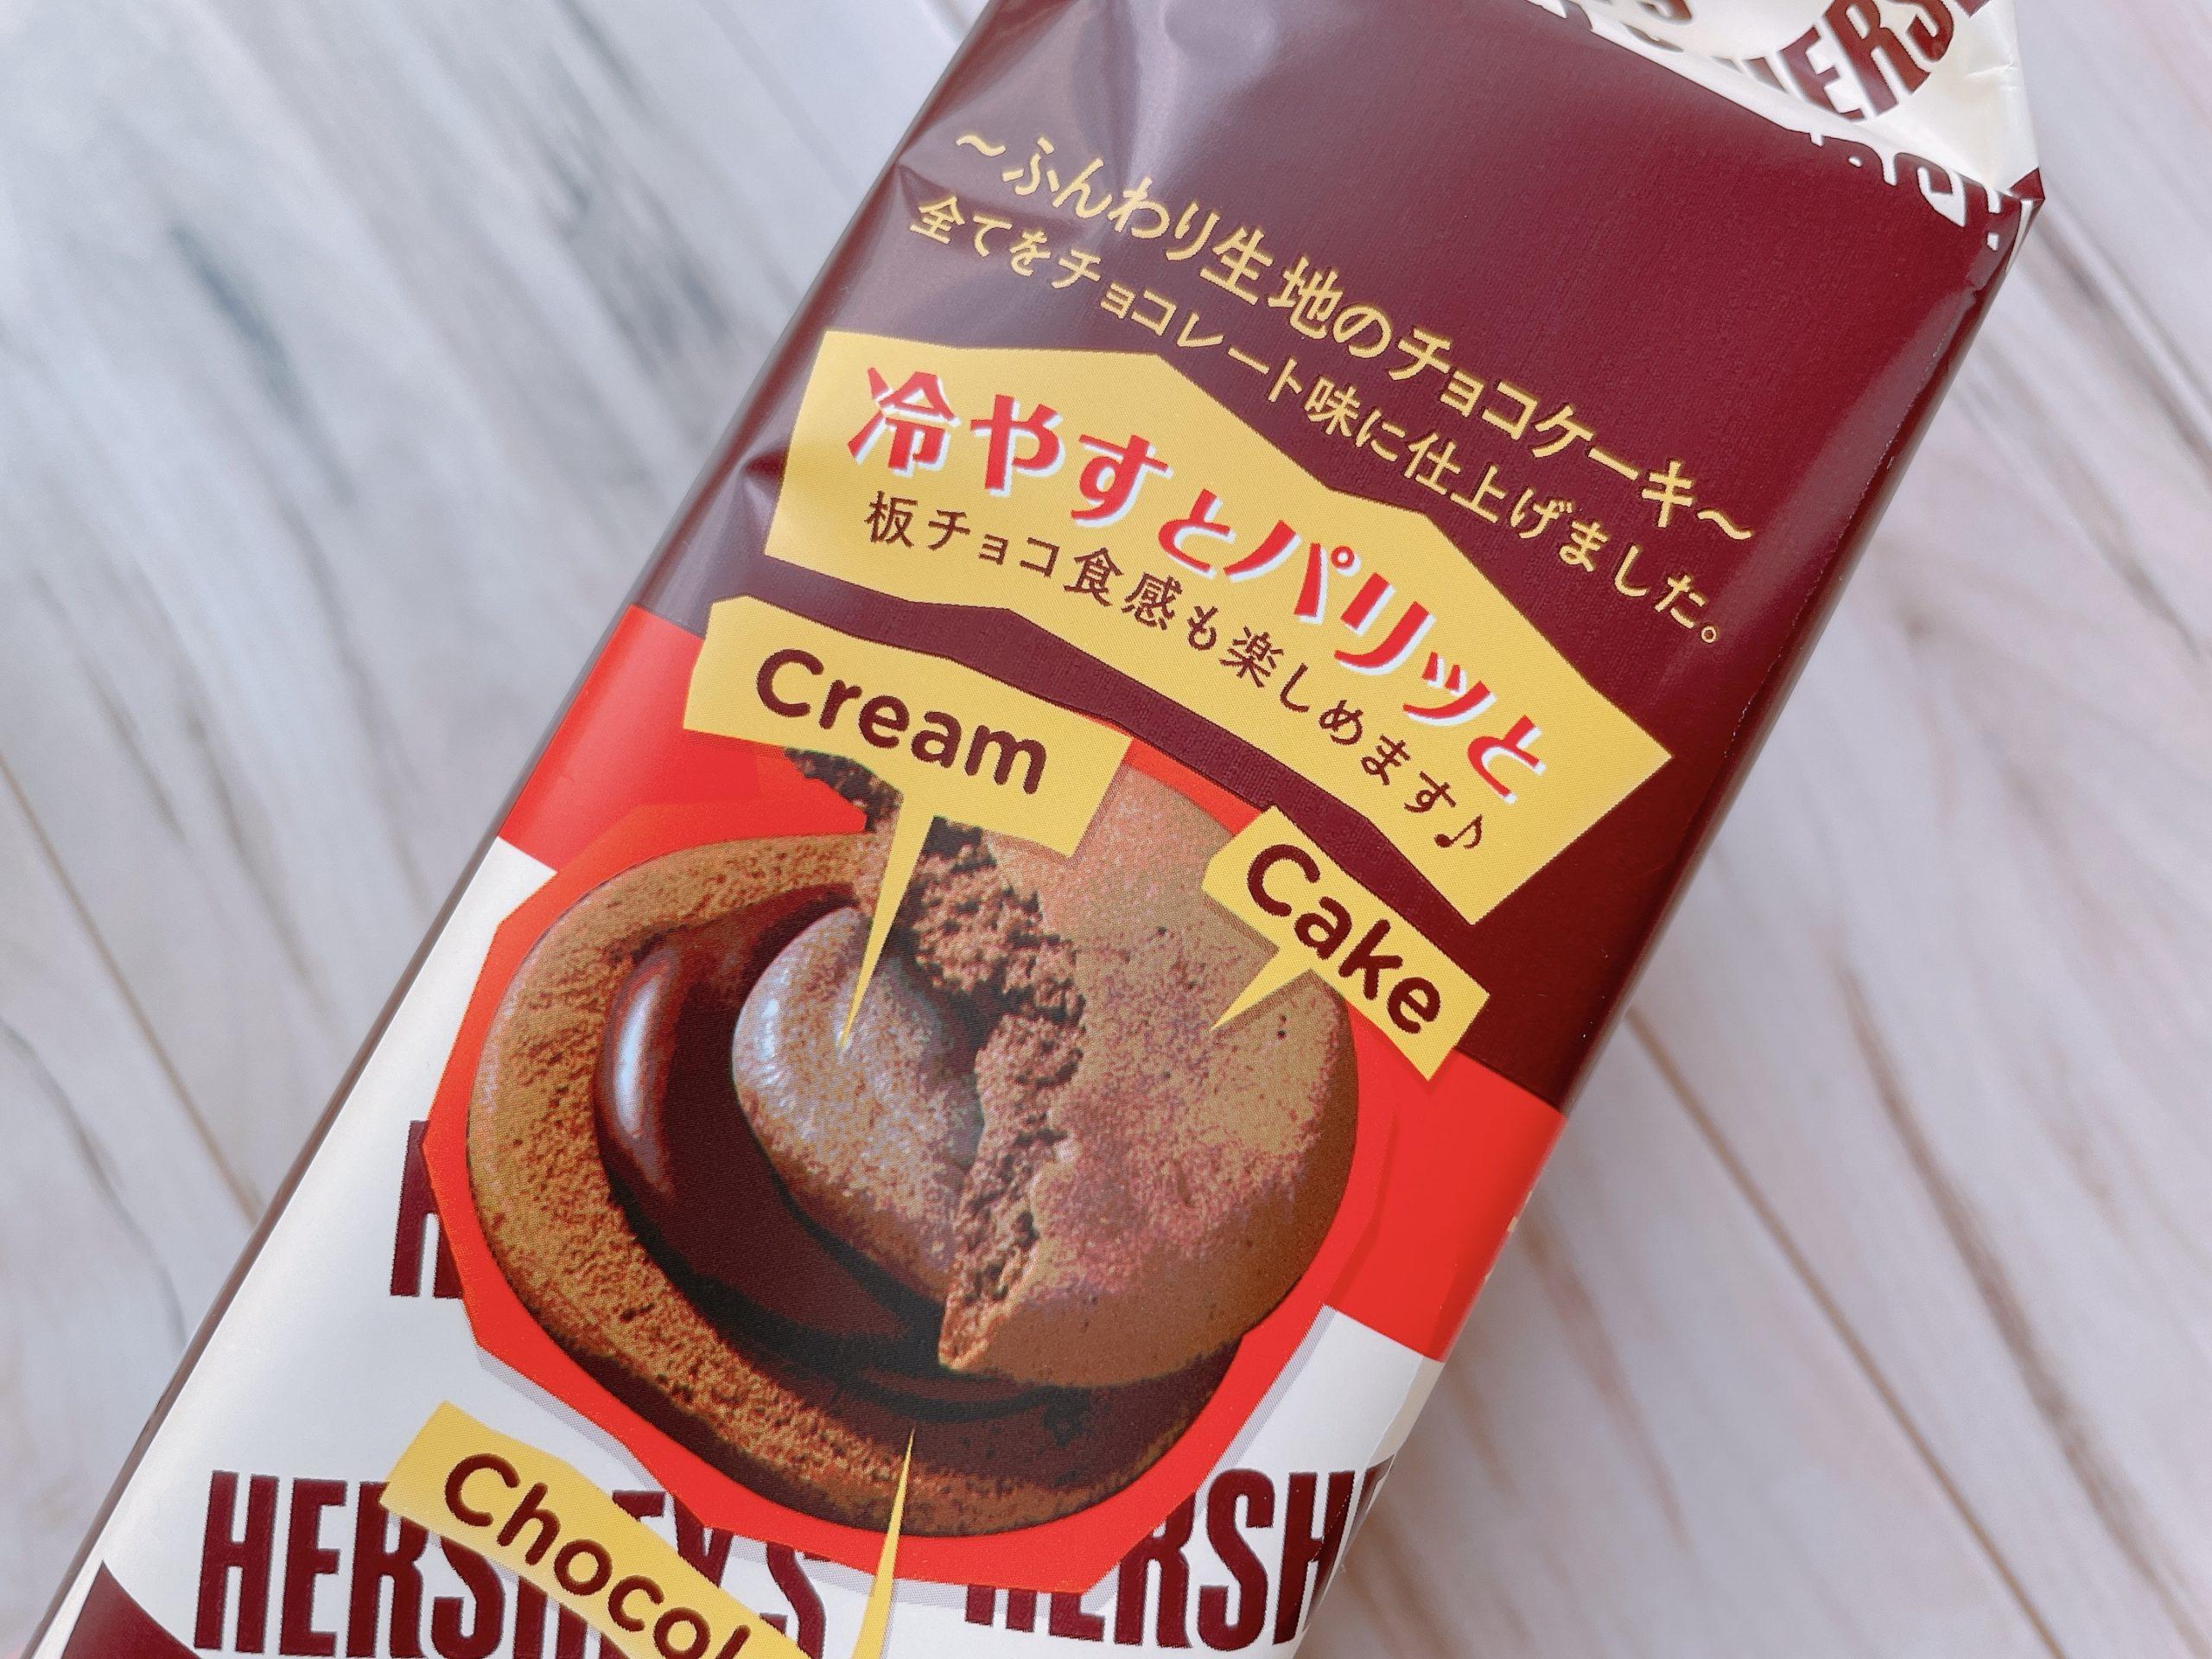 ハーシーチョコケーキは冷やすと食感が変わる